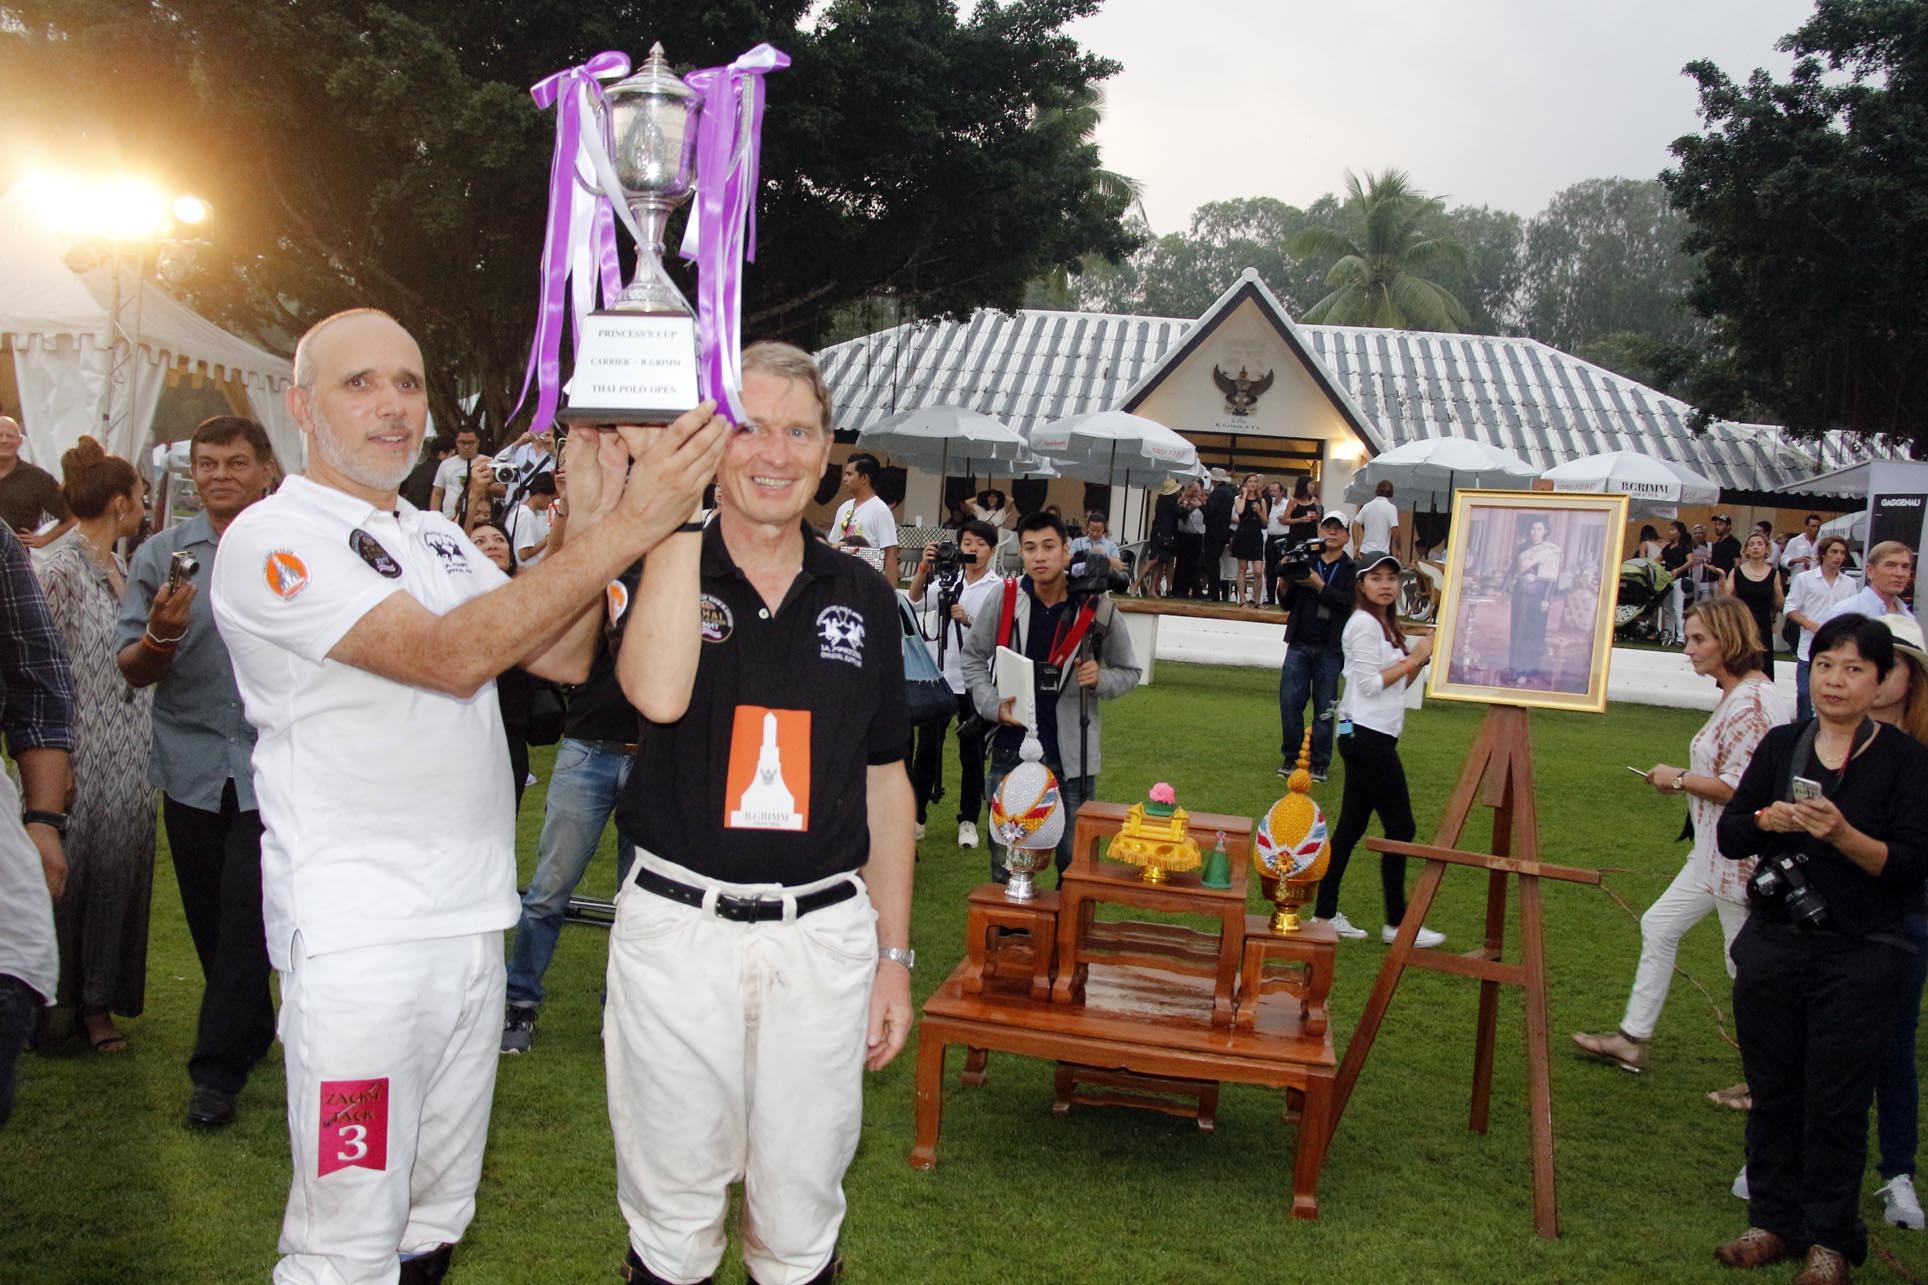 """(มีคลิป) สุดยอดมิตรภาพ ไทยโปโล กอดคอ ลาฟามิเลีย ครองแชมป์ร่วมแข่งขันขี่ม้าโปโลการกุศล """"แคเรียร์ – บี.กริม ไทย โปโล โอเพ่น 2017"""" ชิงถ้วยพระราชทานสมเด็จพระเทพรัตนราชสุดาฯ สยามบรมราชกุมารี หารายได้สมทบทุนโรงเรียนจิตรลดา"""